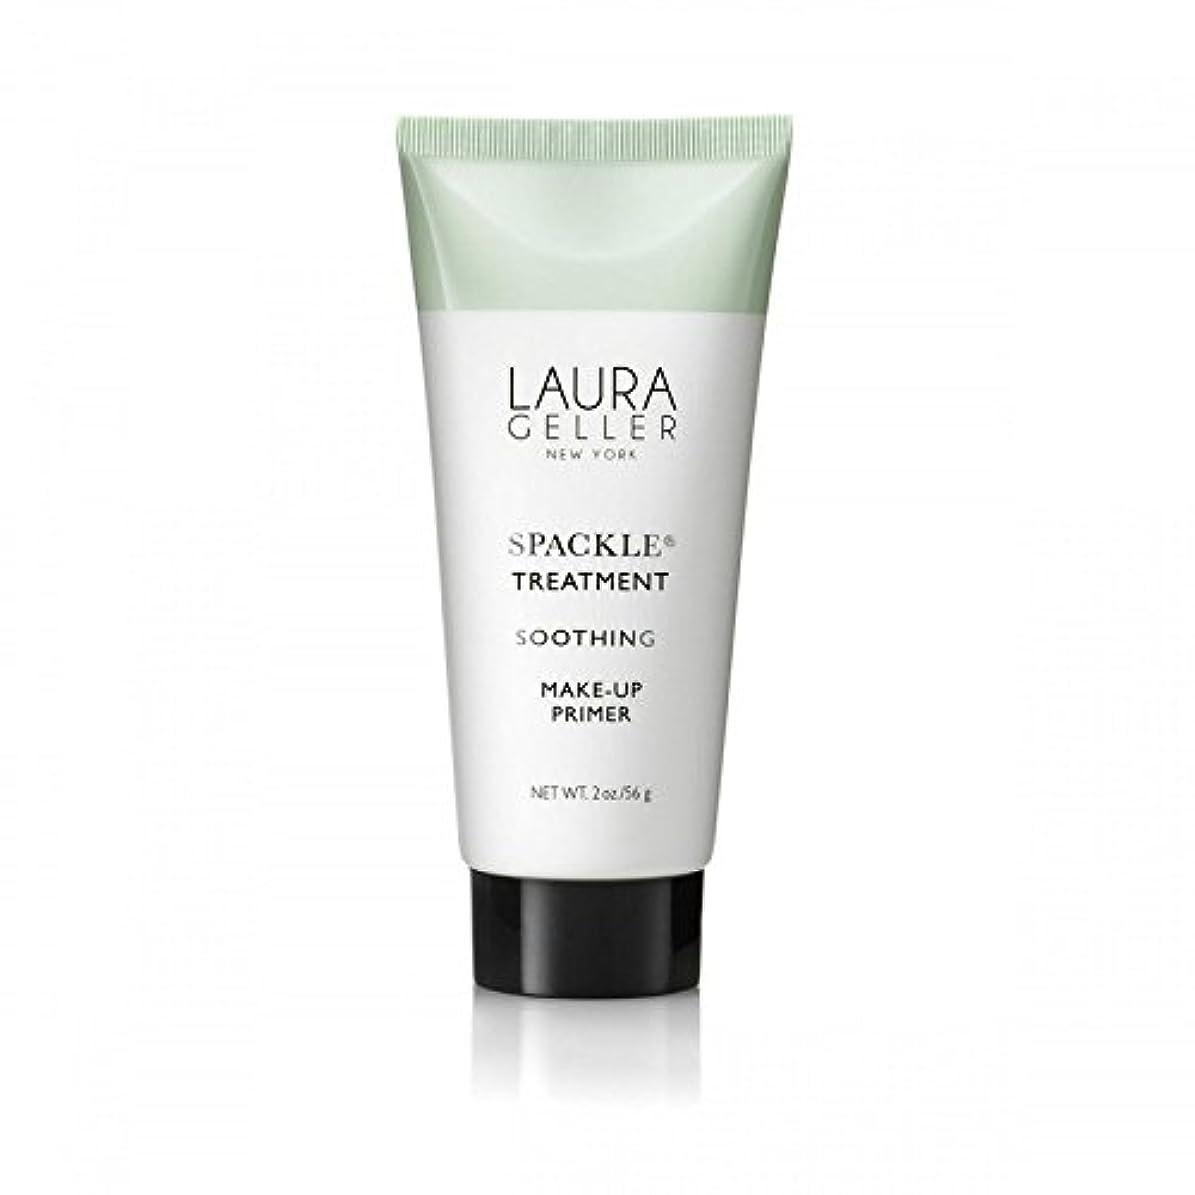 メモ戸惑うマウントLaura Geller Spackle Treatment Under Make-Up Primer Soothing - メイクアッププライマー癒しの下のローラ?ゲラー 処理 [並行輸入品]